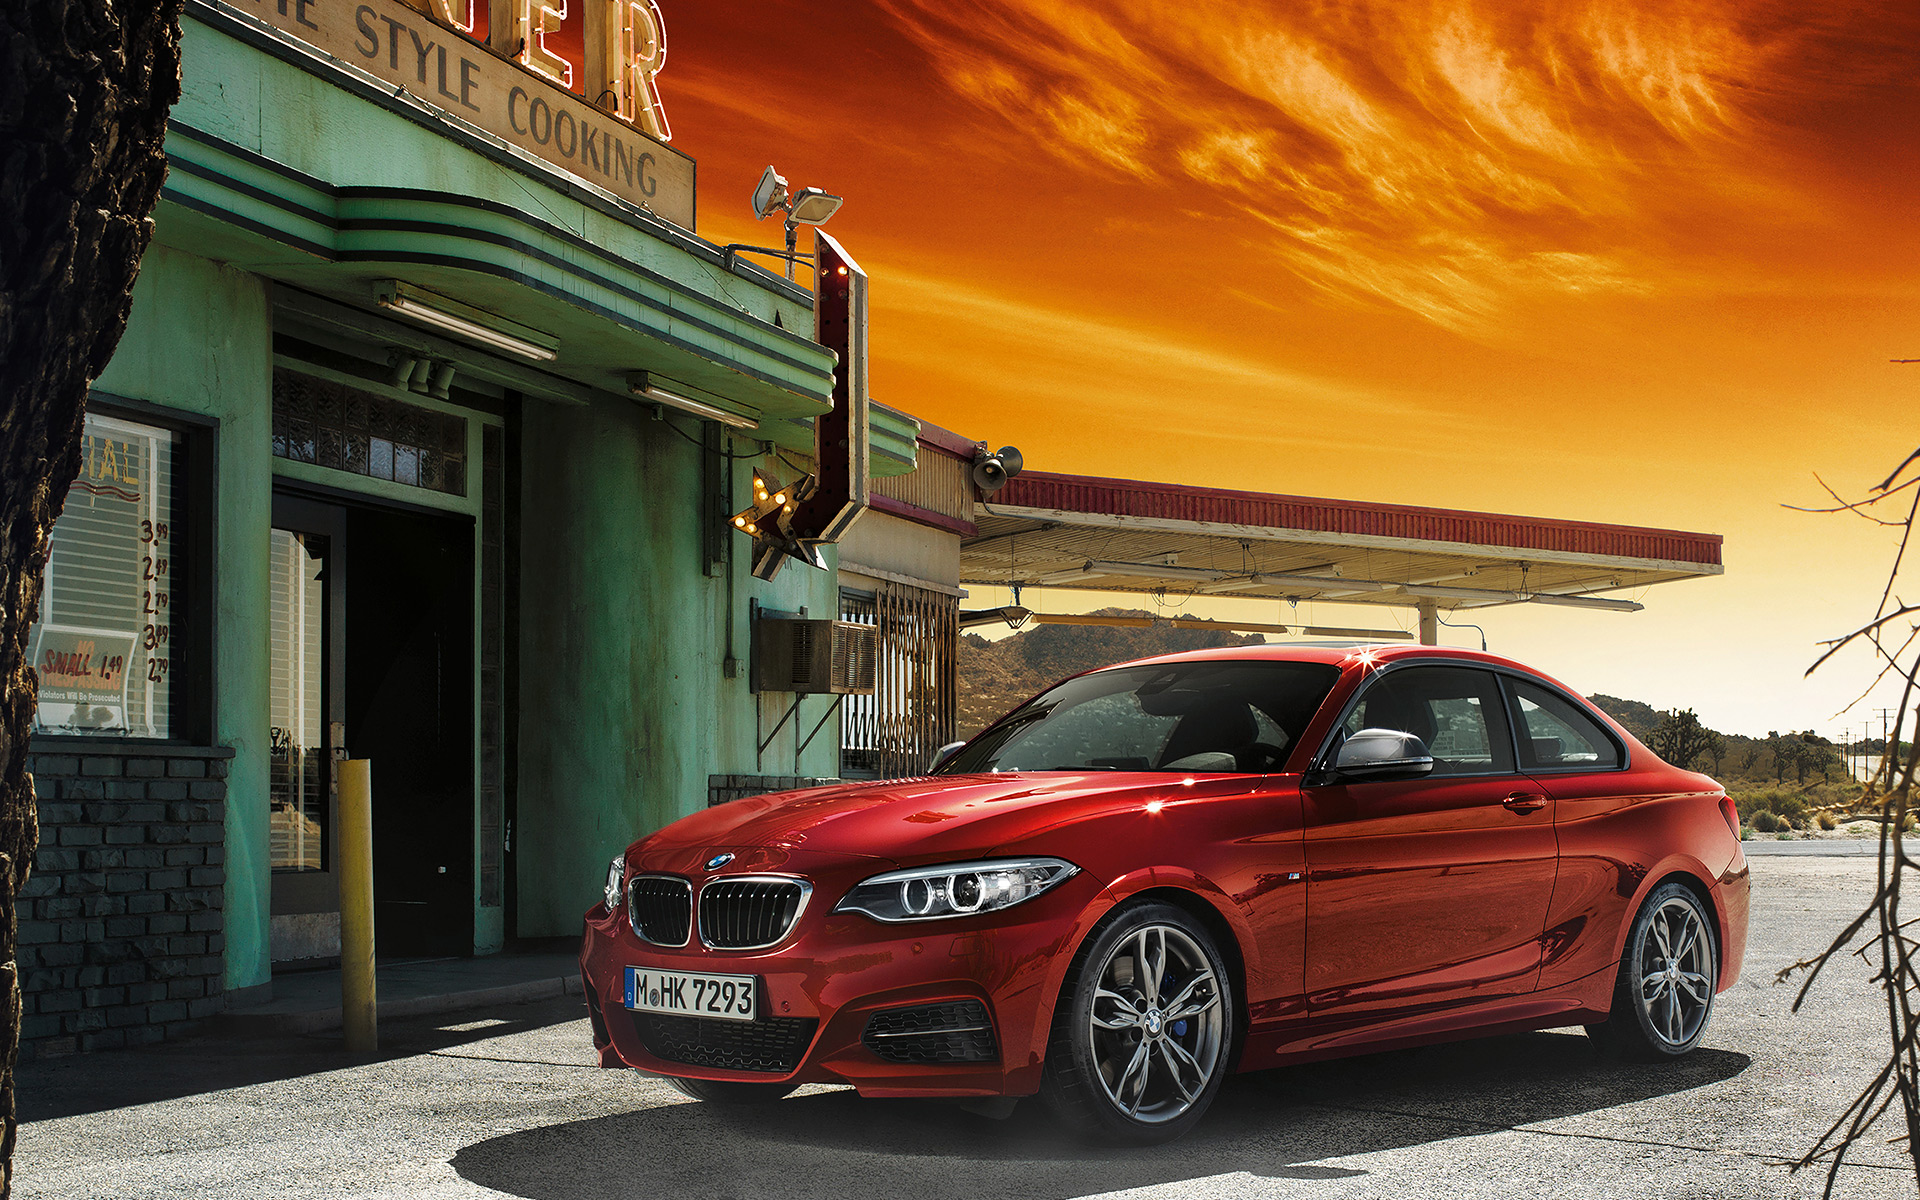 BMW 2 Series Coupé & Videos